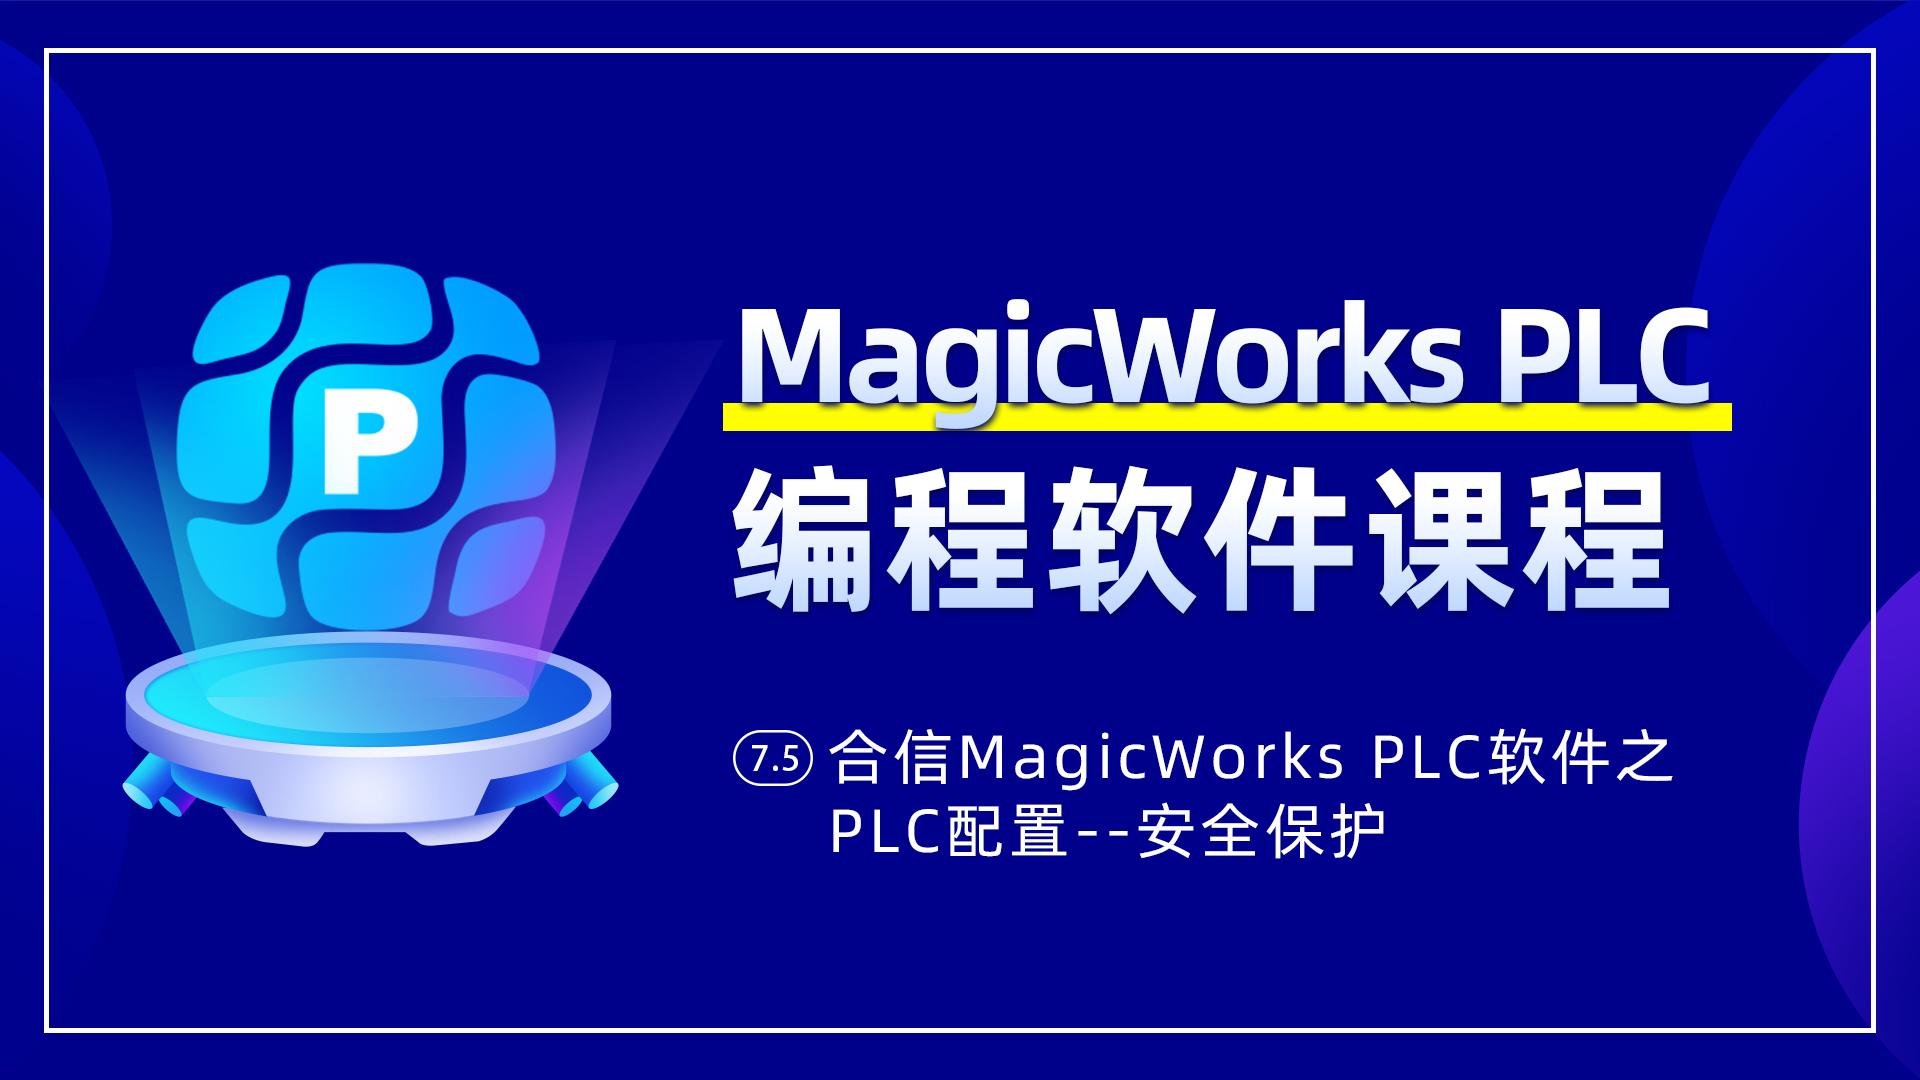 7.5、合信MagicWorks PLC软件PLC配置之安全保护